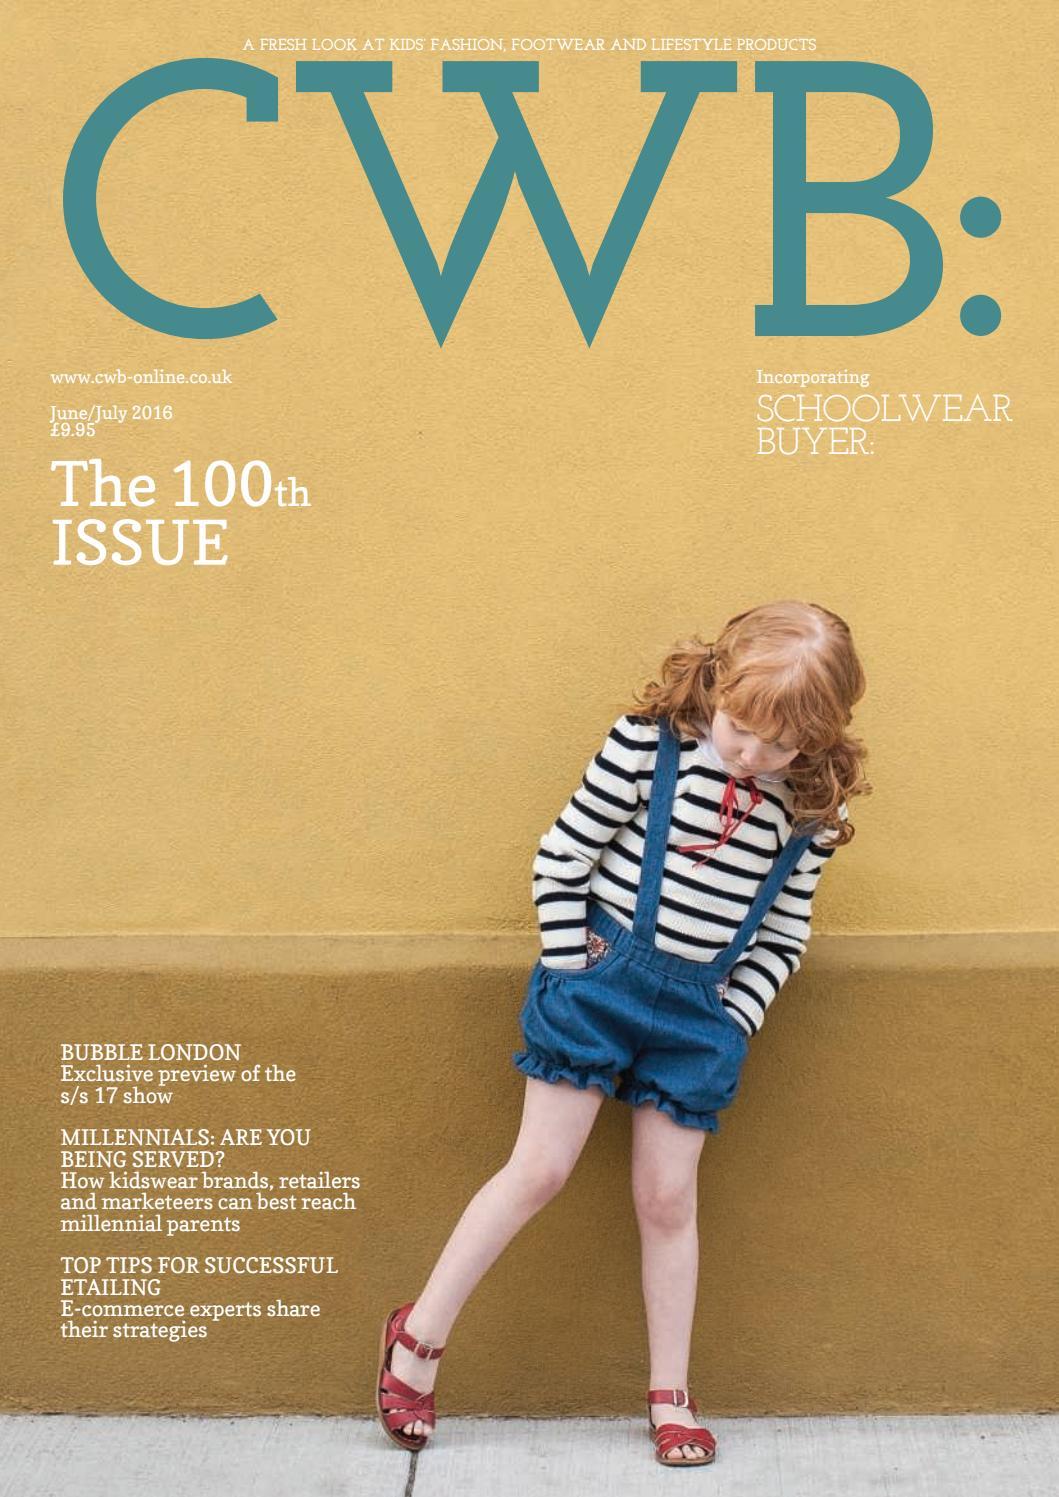 227de45c970 CWB MAGAZINE JUNE JULY ISSUE 100 by fashion buyers Ltd - issuu